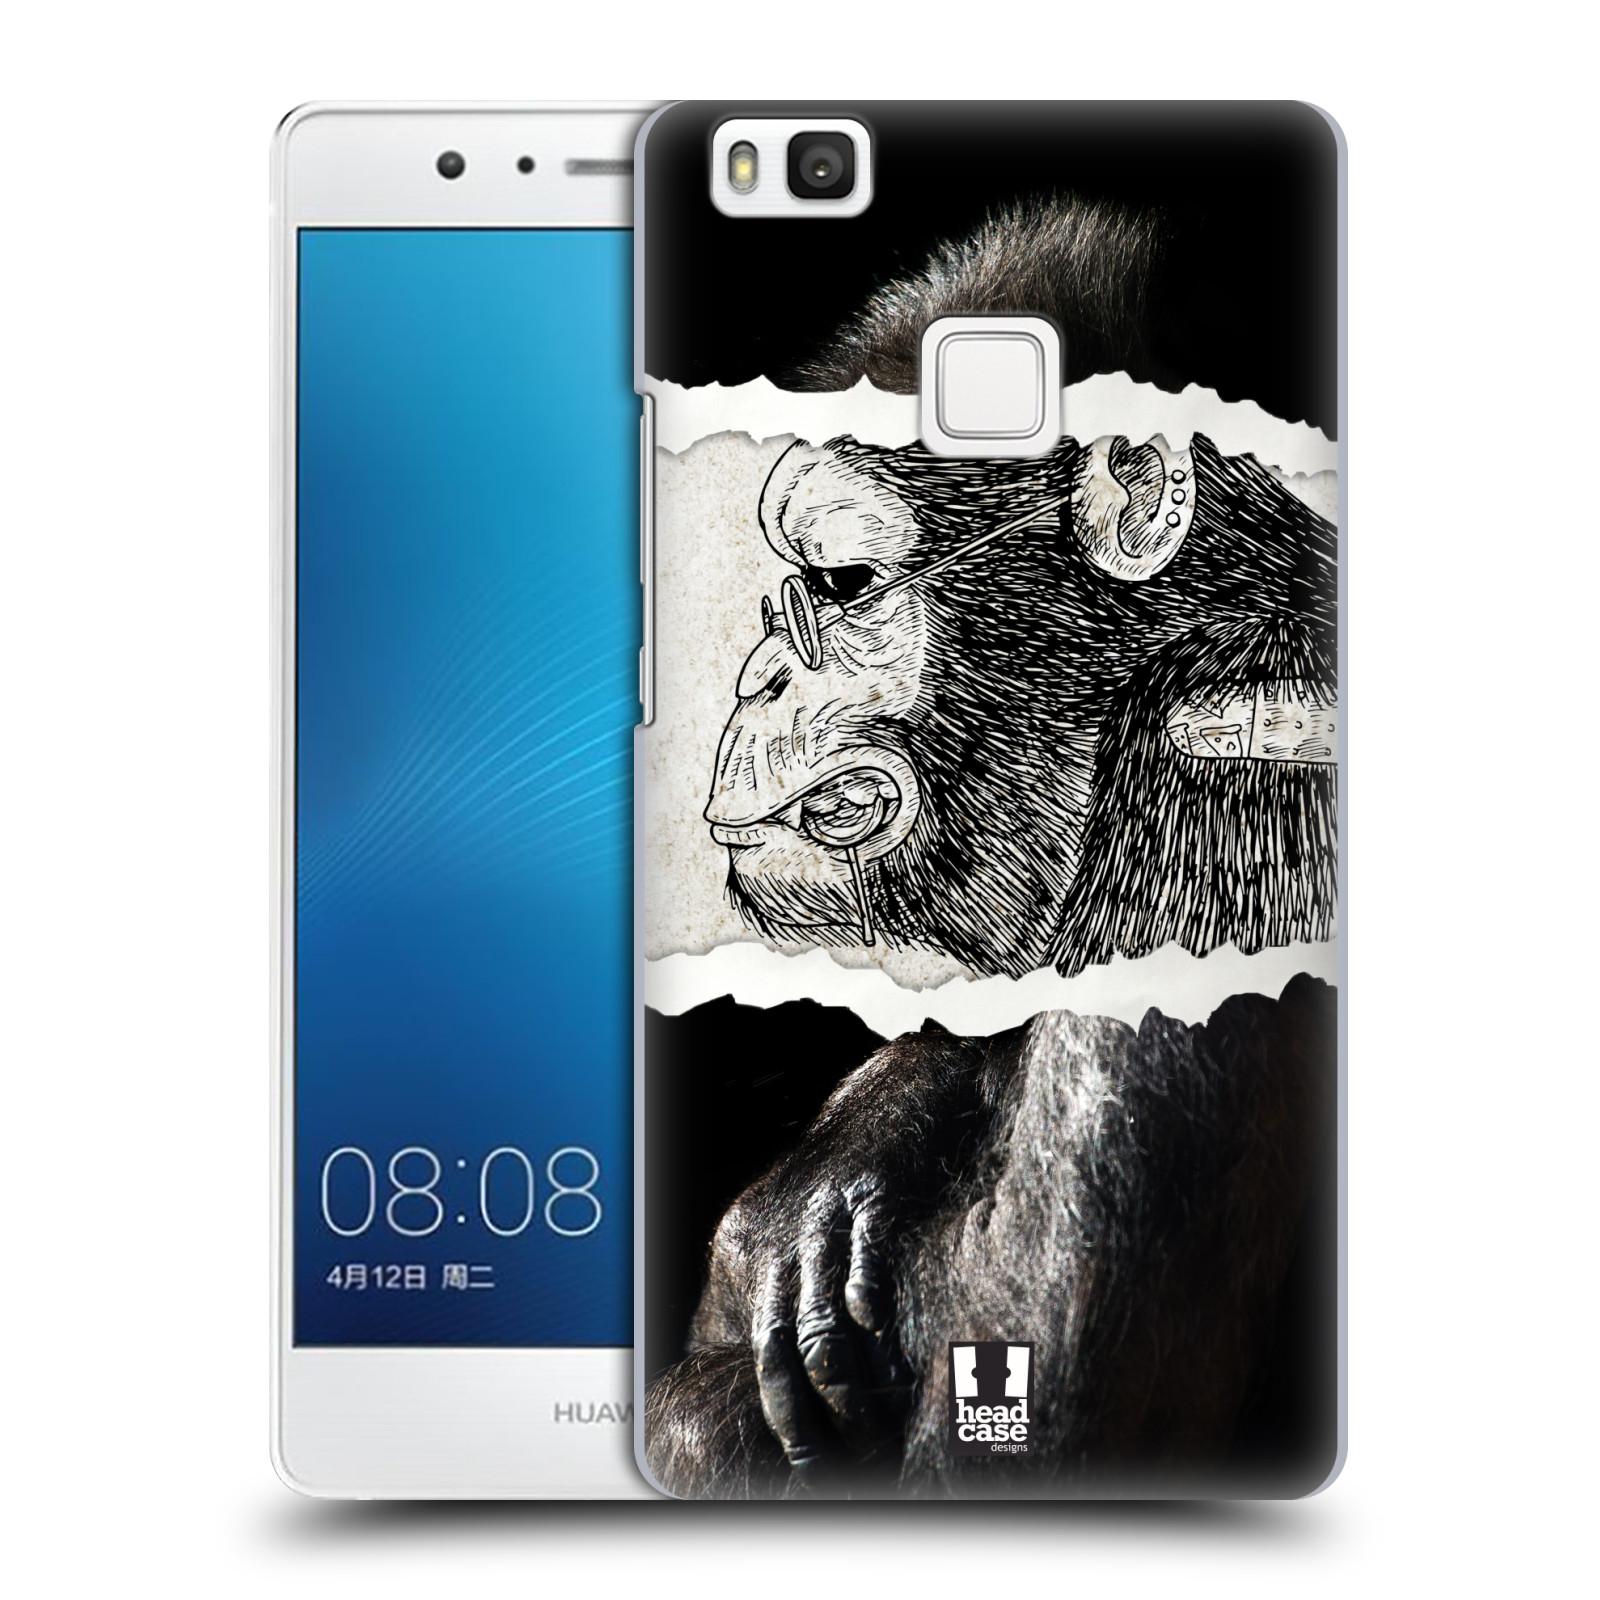 HEAD CASE plastový obal na mobil Huawei P9 LITE / P9 LITE DUAL SIM vzor zvířata koláž opice